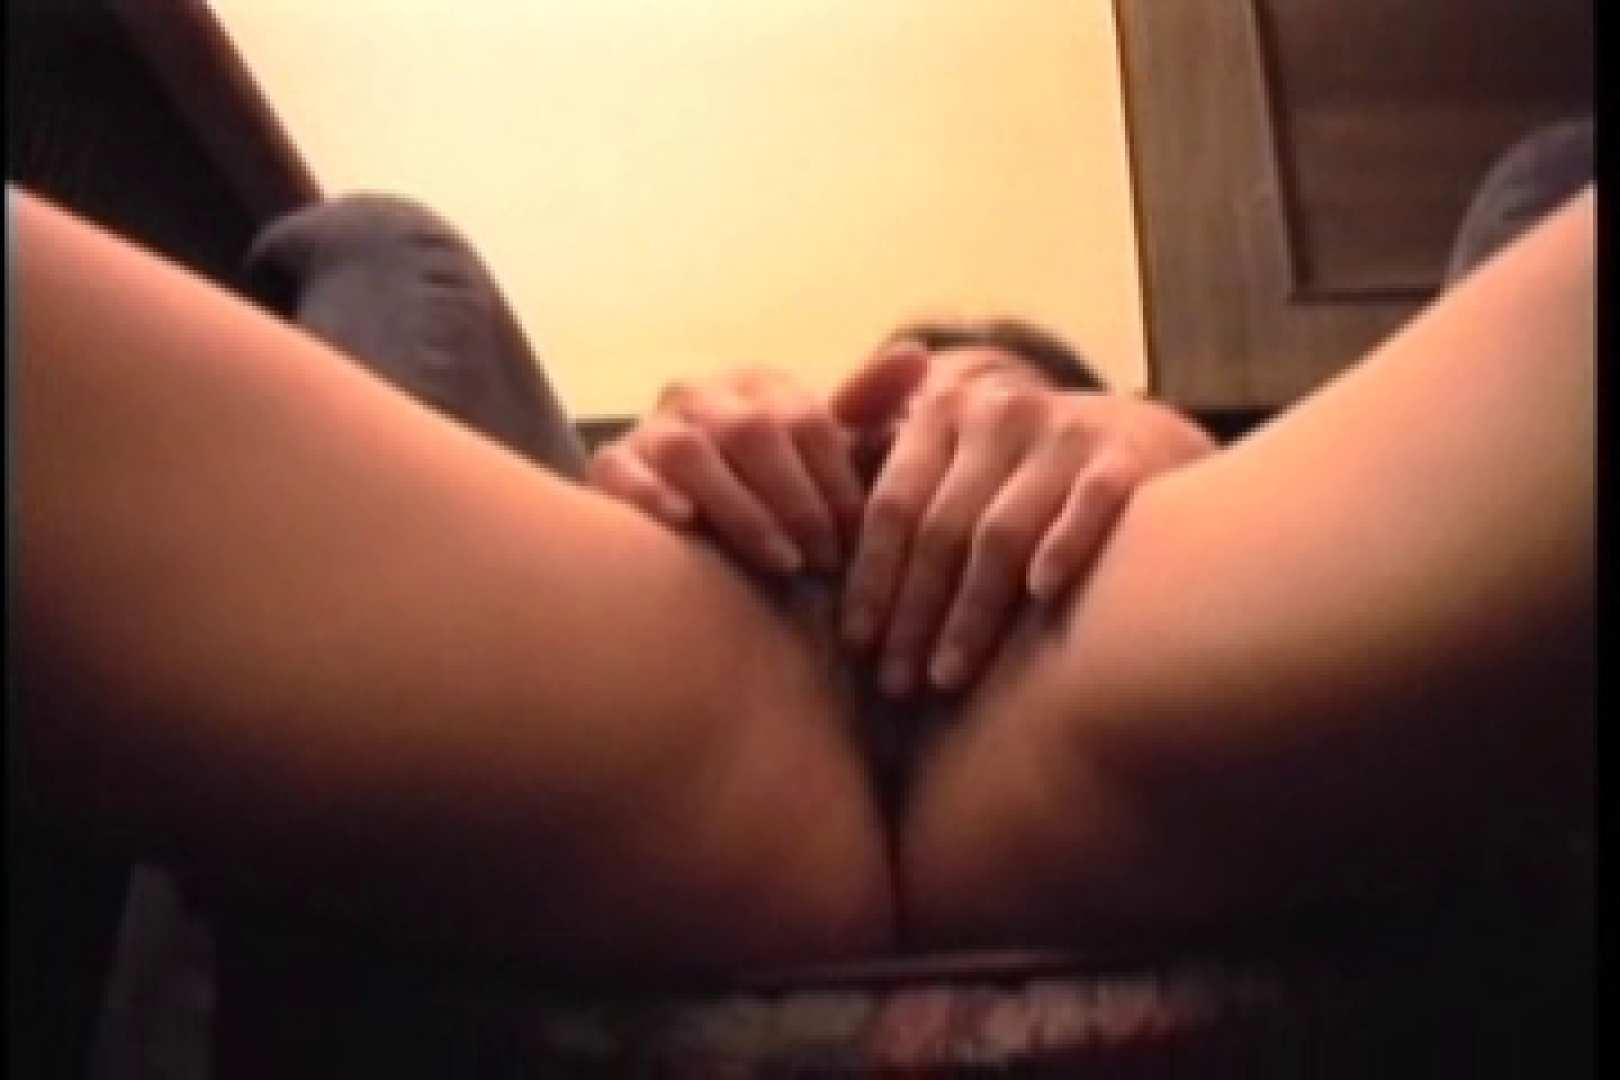 素人嬢126人のハメ撮り 君崎 人妻のエッチ スケベ動画紹介 110pic 59